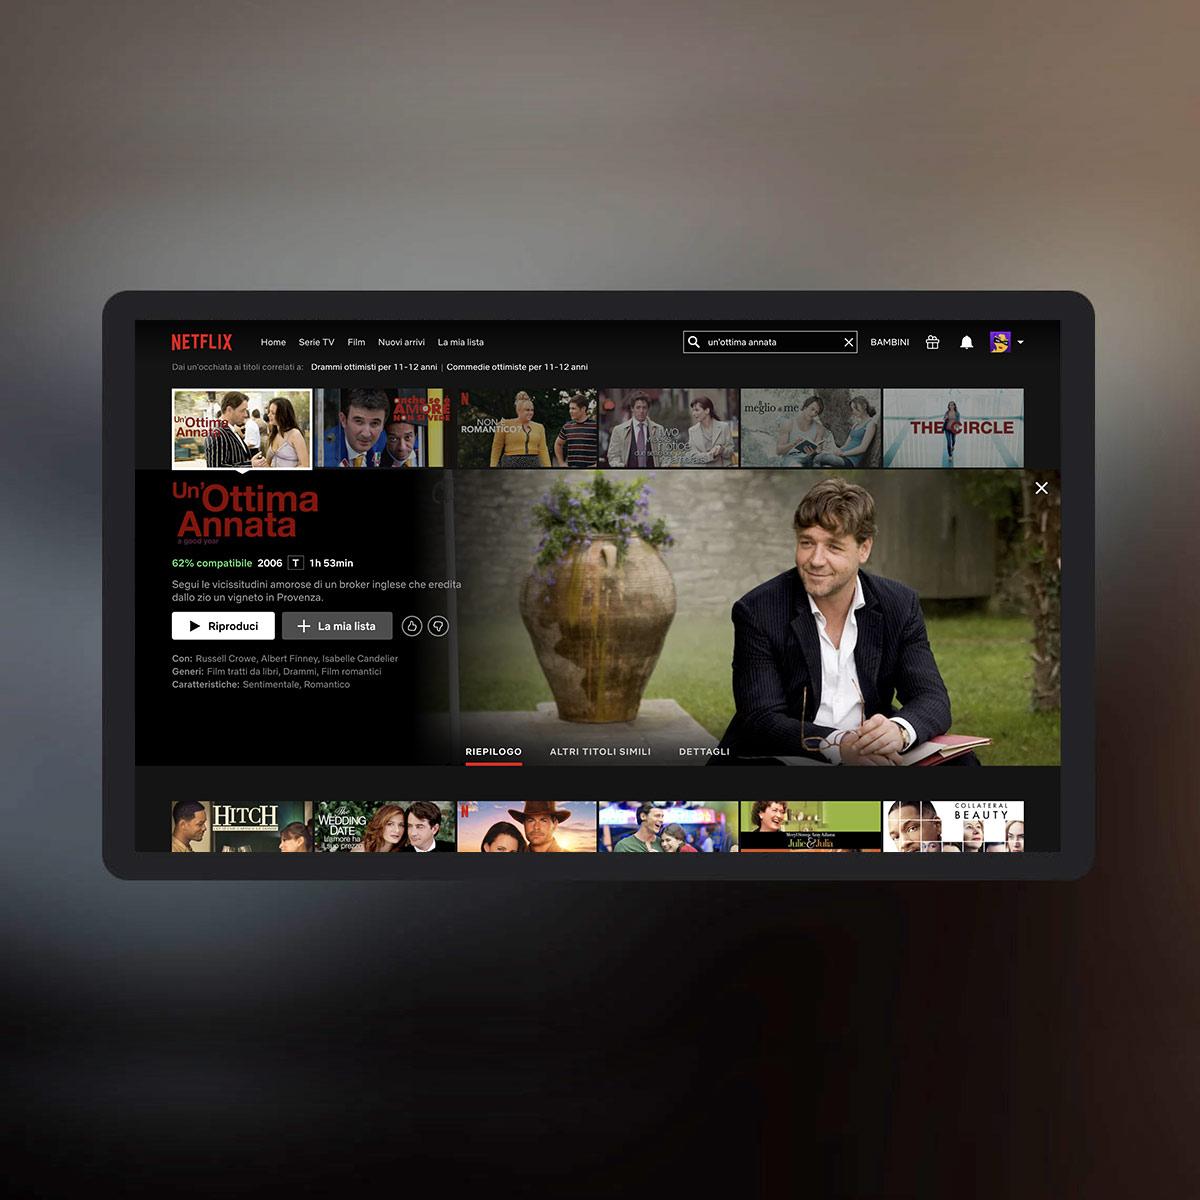 Schermo TV con Netflix e selezione del film Un'ottima annata